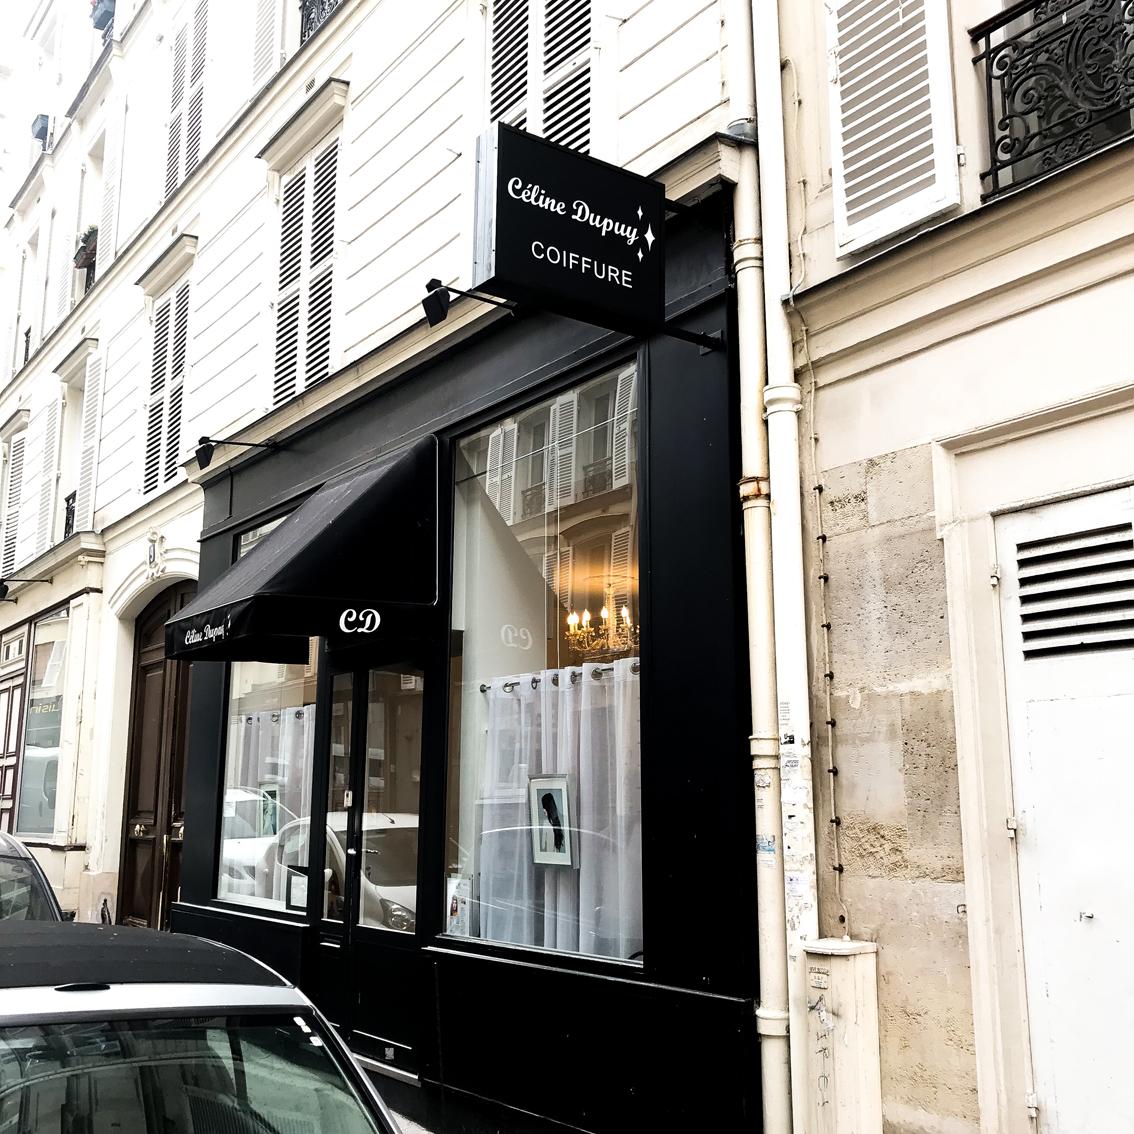 Céline De Parisien DupuyDans Coiffure Le Sur Salon Mon Avis uZXiPk